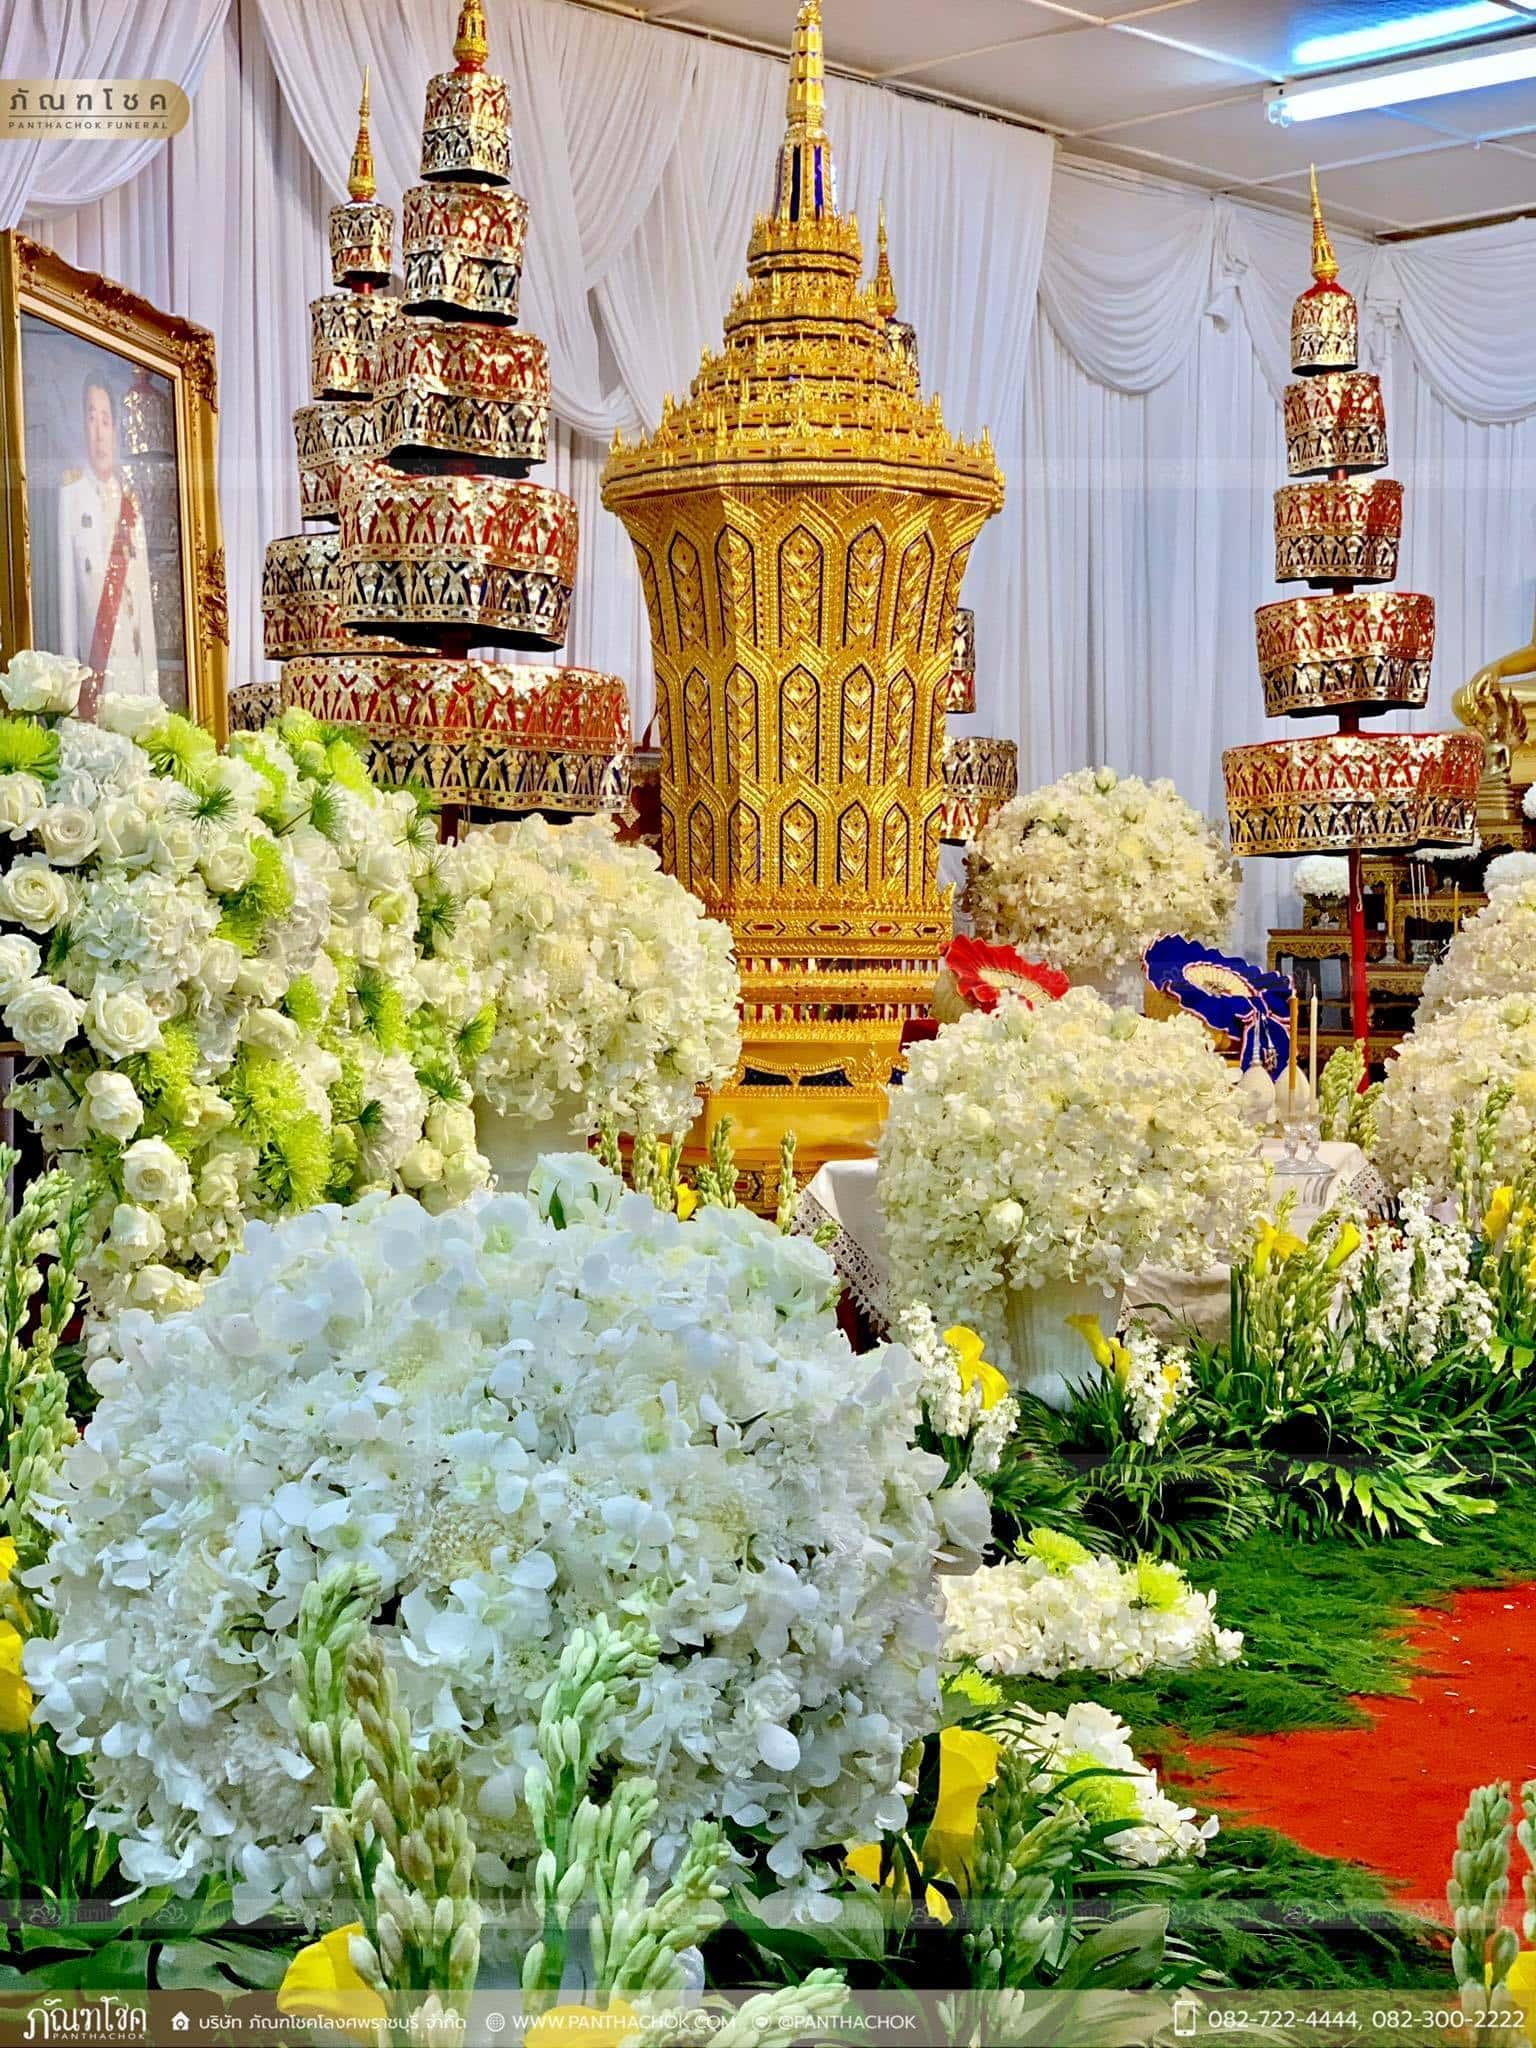 ดอกไม้ประดับหน้าโกศ อดีตผู้ว่าราชการจังหวัดราชบุรี 5